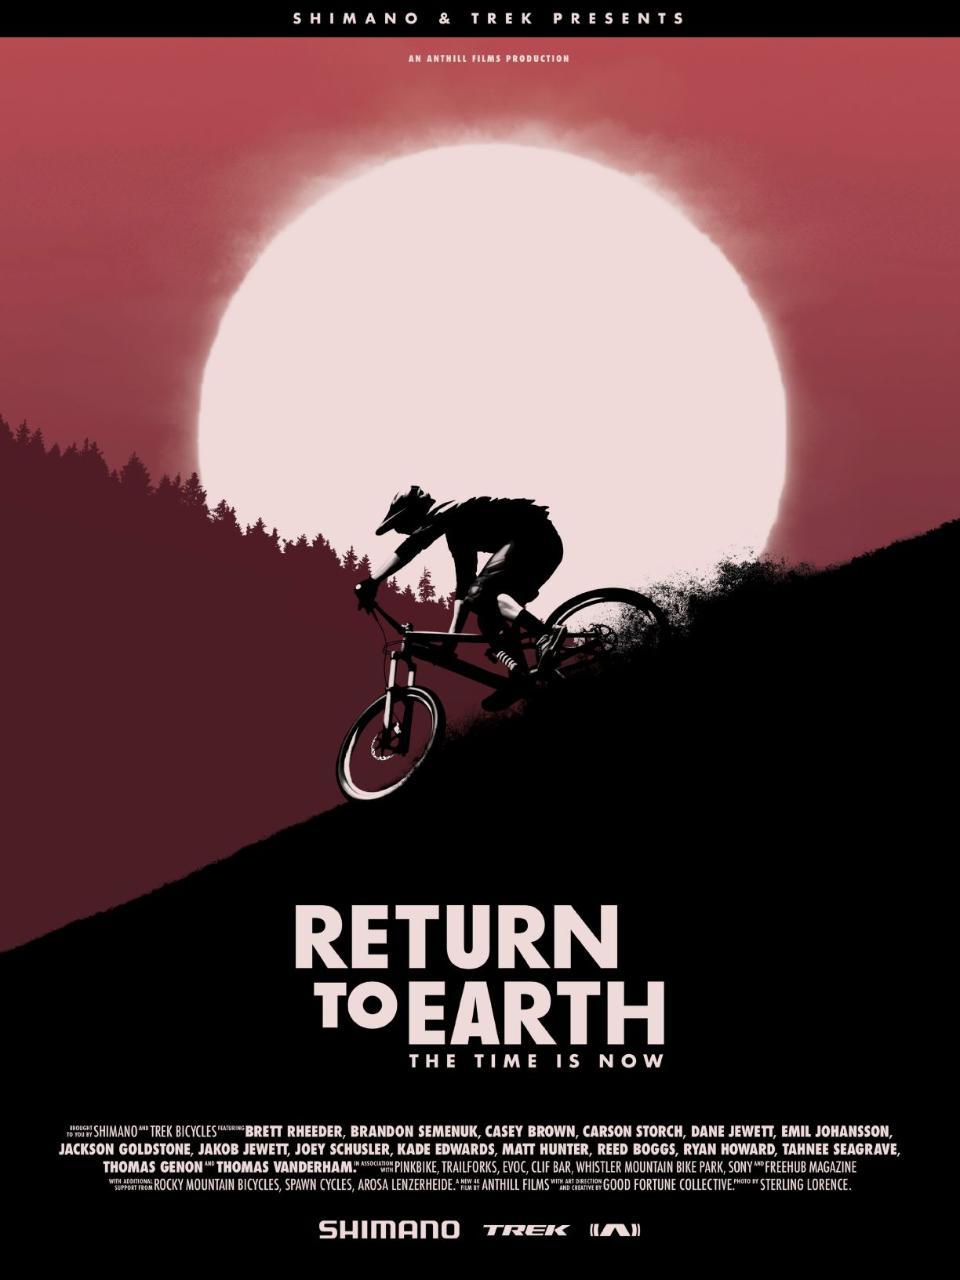 Return to Earth. Największe wydarzenie rowerowe 24 września 2019 w Multikinie!